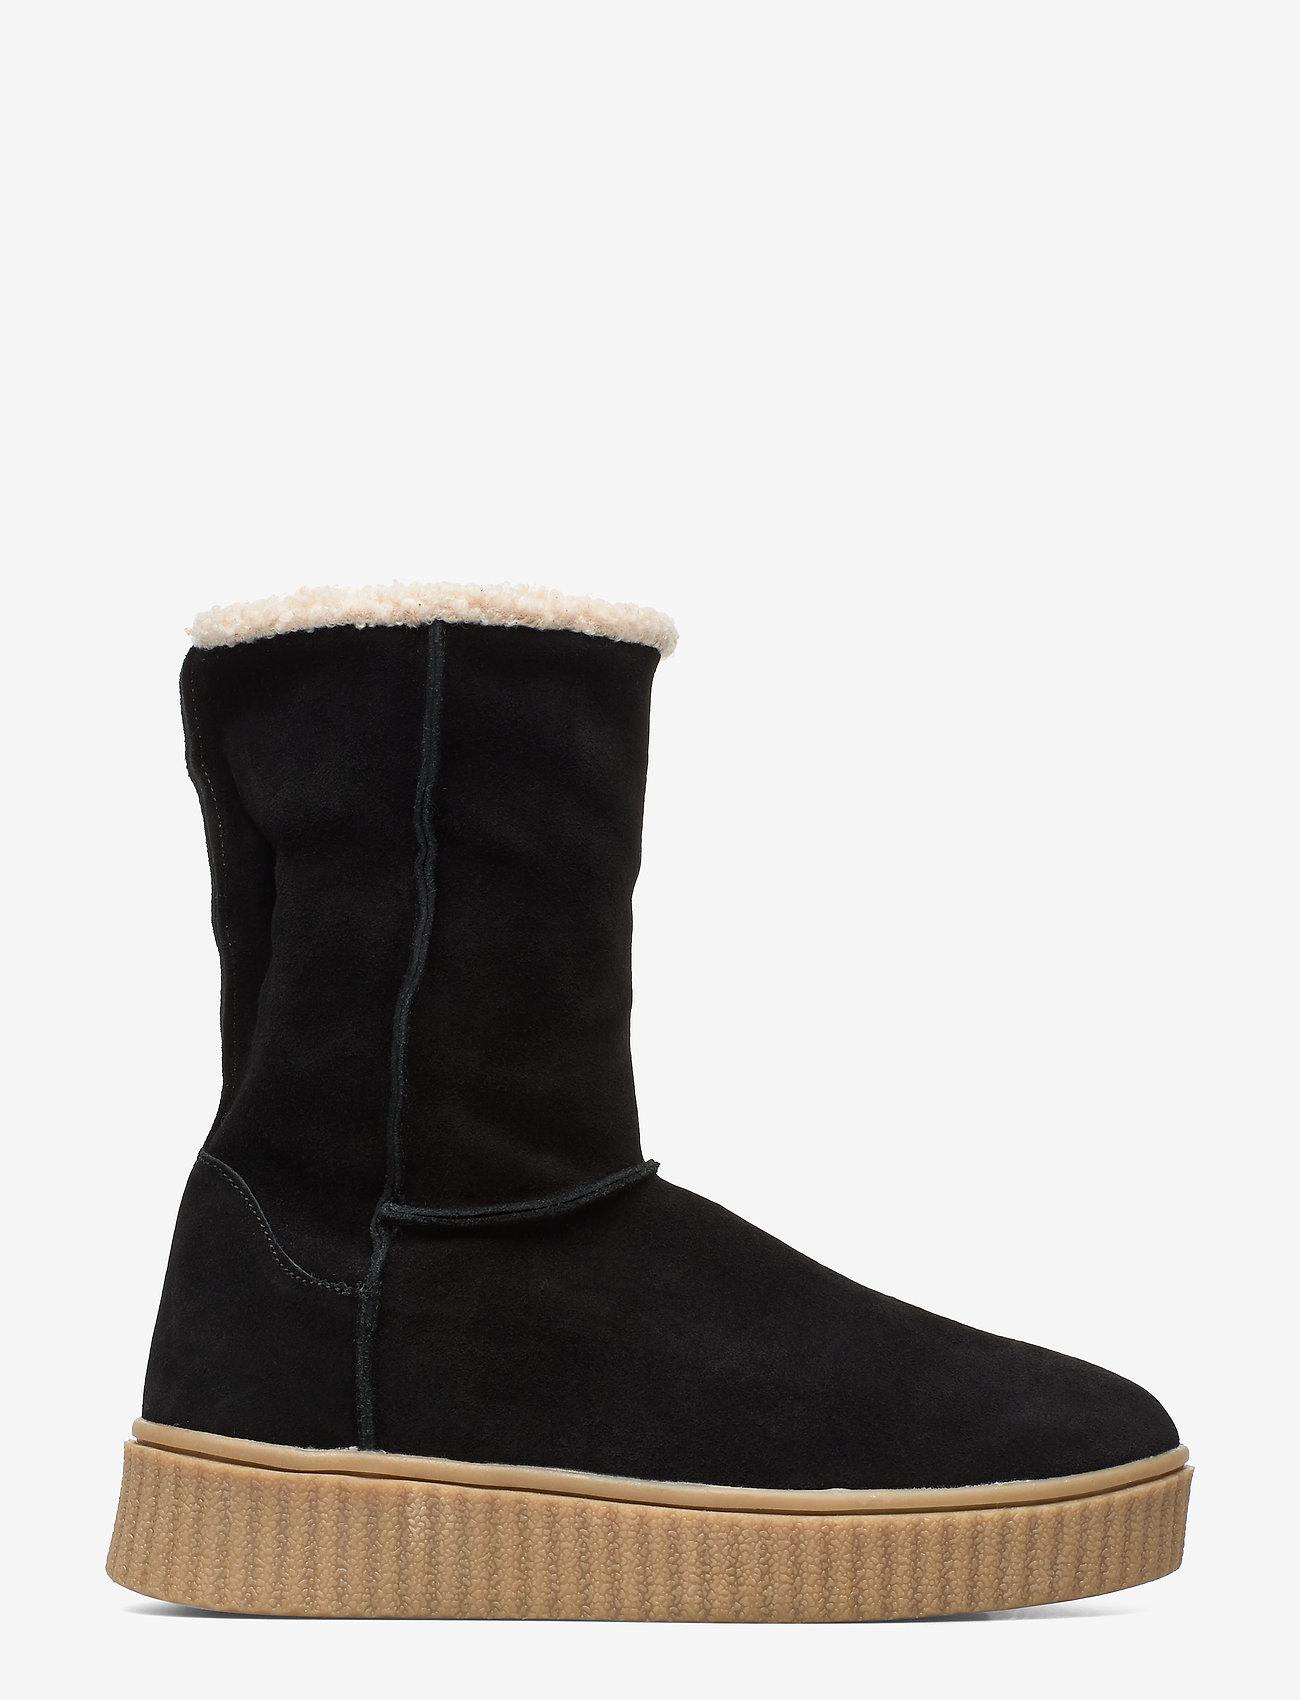 Sofie Schnoor - Boot - long boots - black - 1